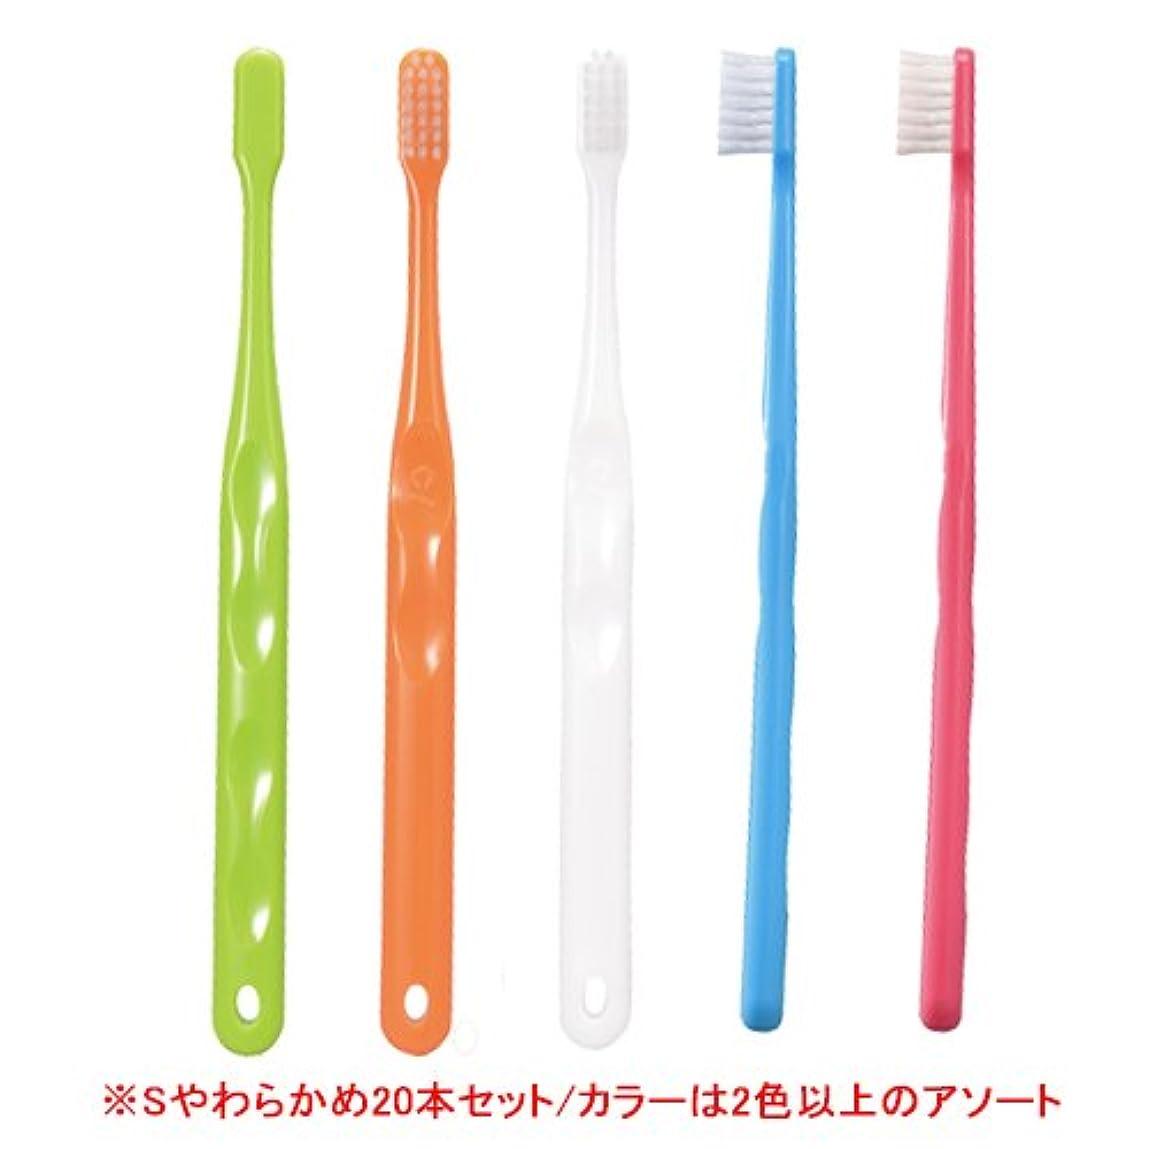 給料妊娠したタイルCiメディカル Ci700 超先細 ラウンド毛 歯ブラシ 20本 (Sやわらかめ)